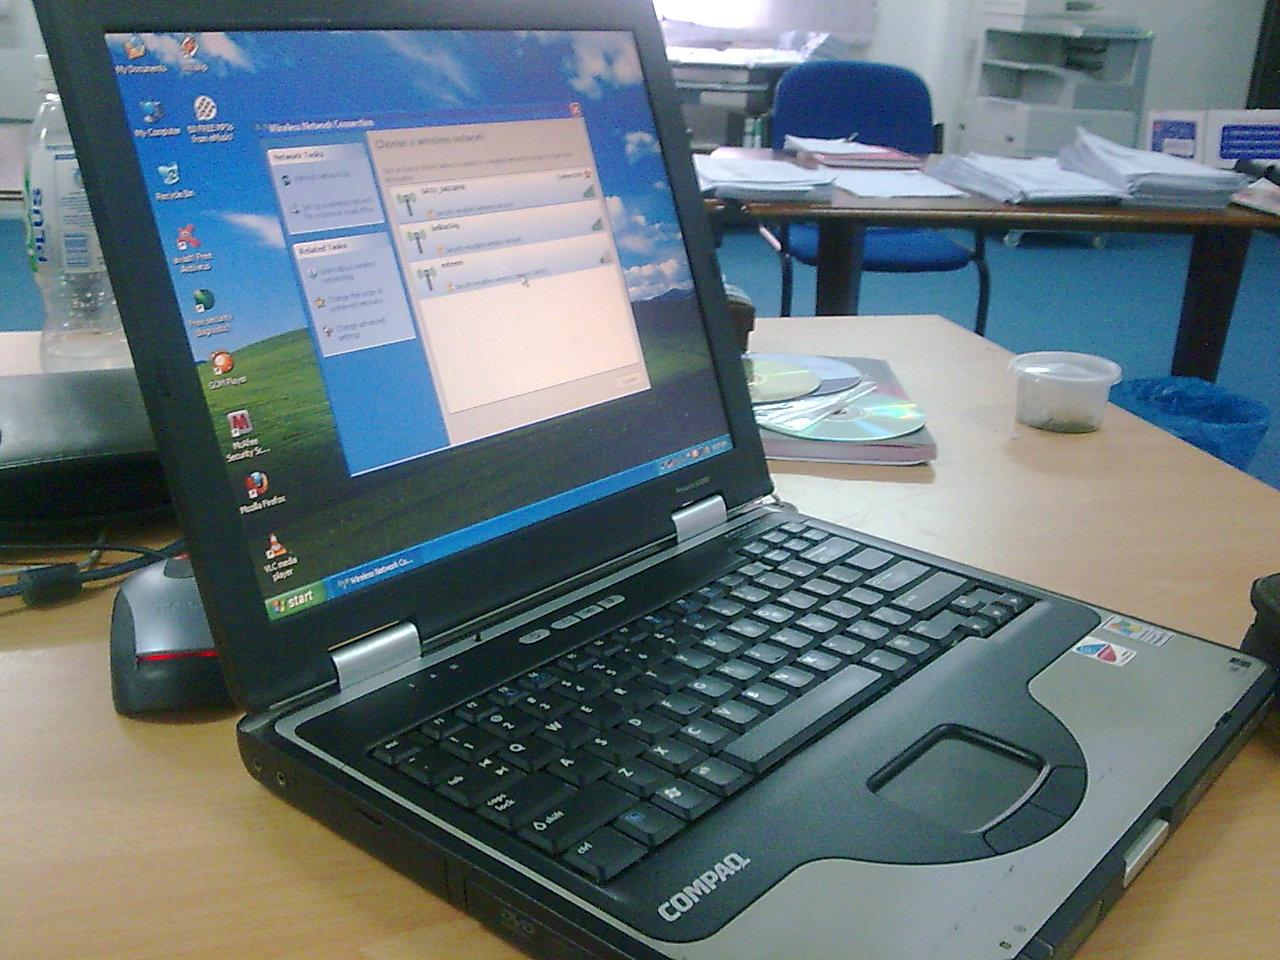 Laptop terpakai untuk di jual, used laptop